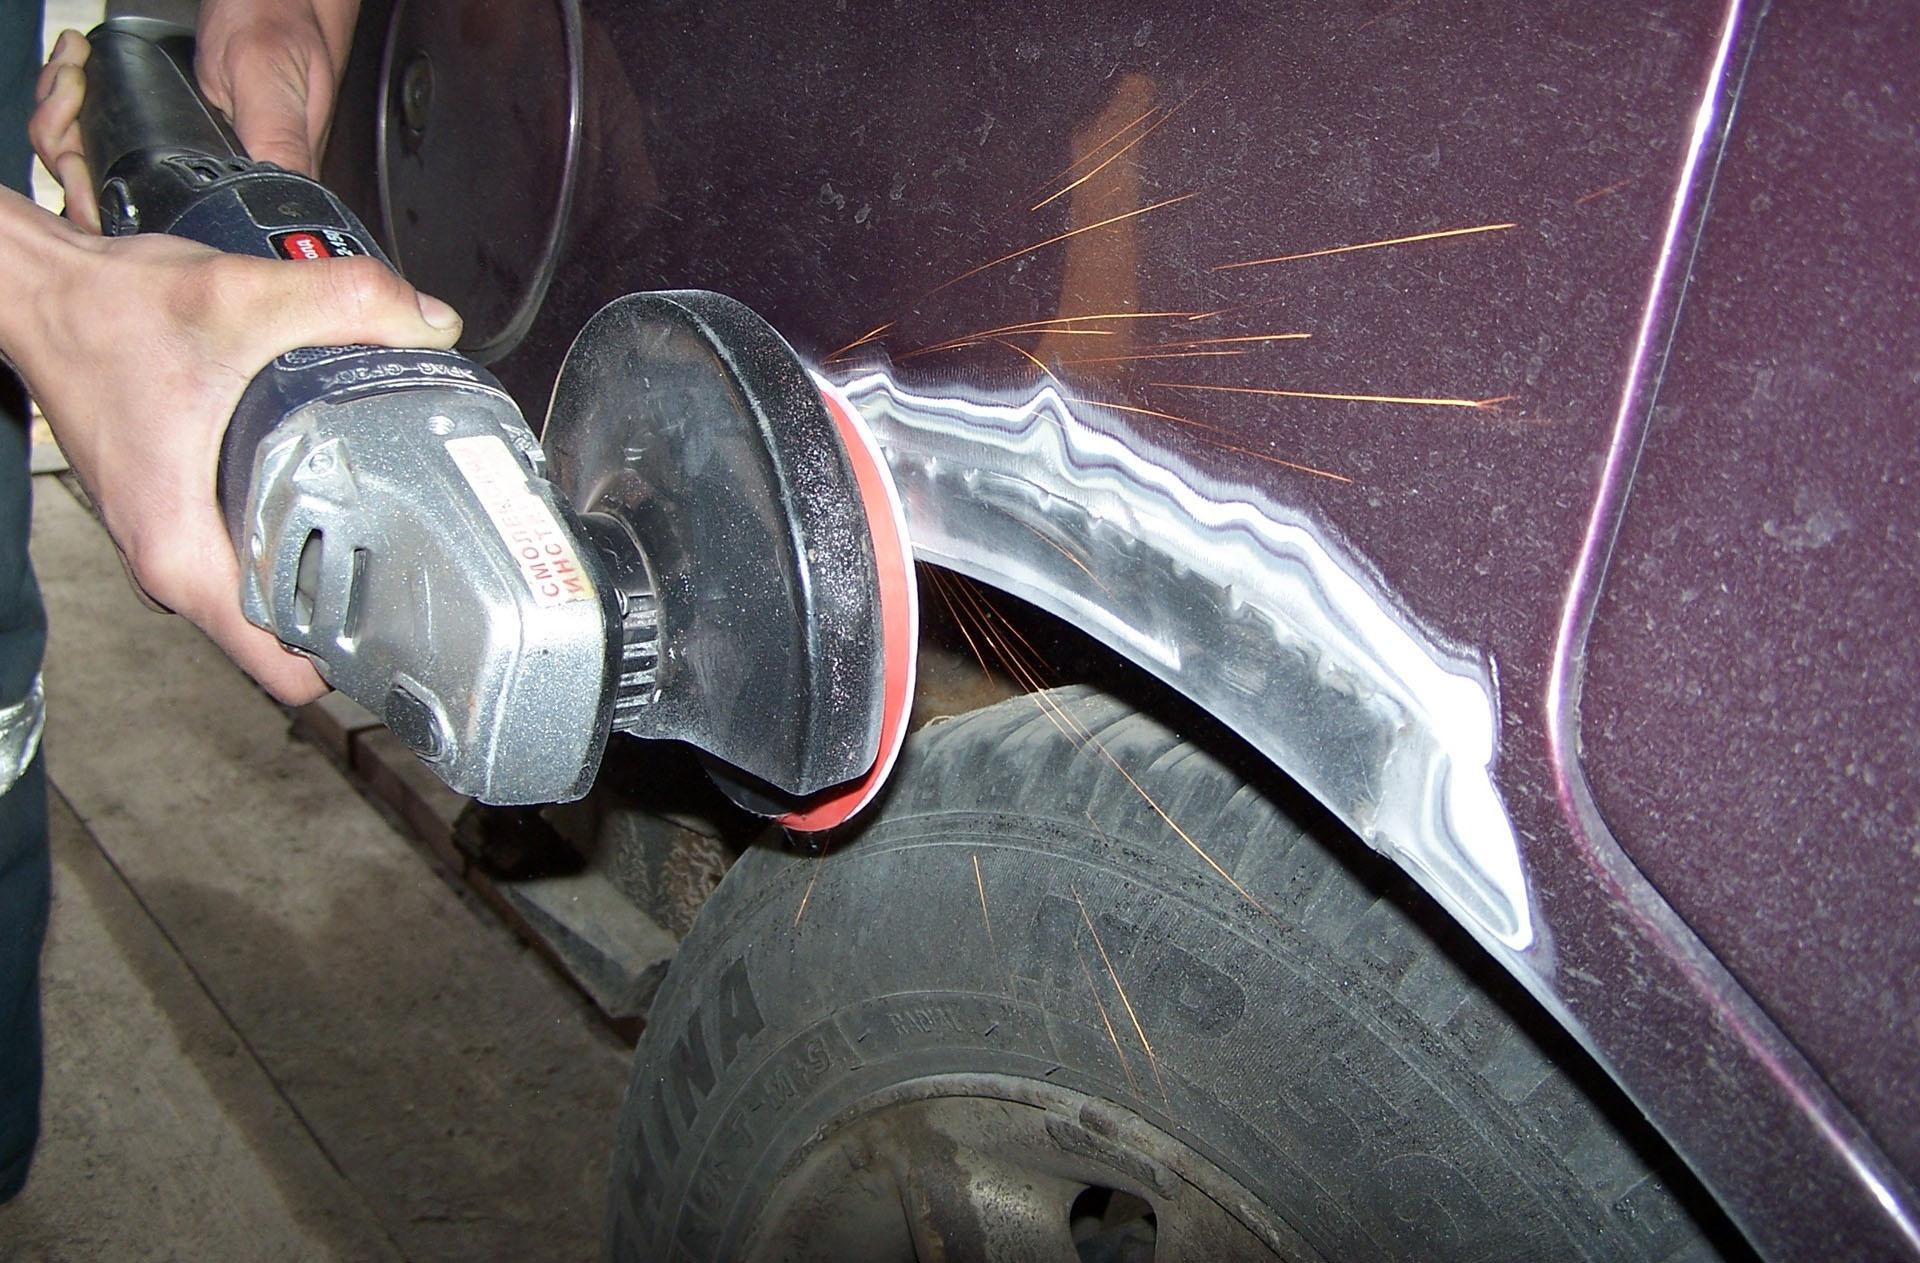 Как зачистить ржавчину на машине и покрасить своими руками